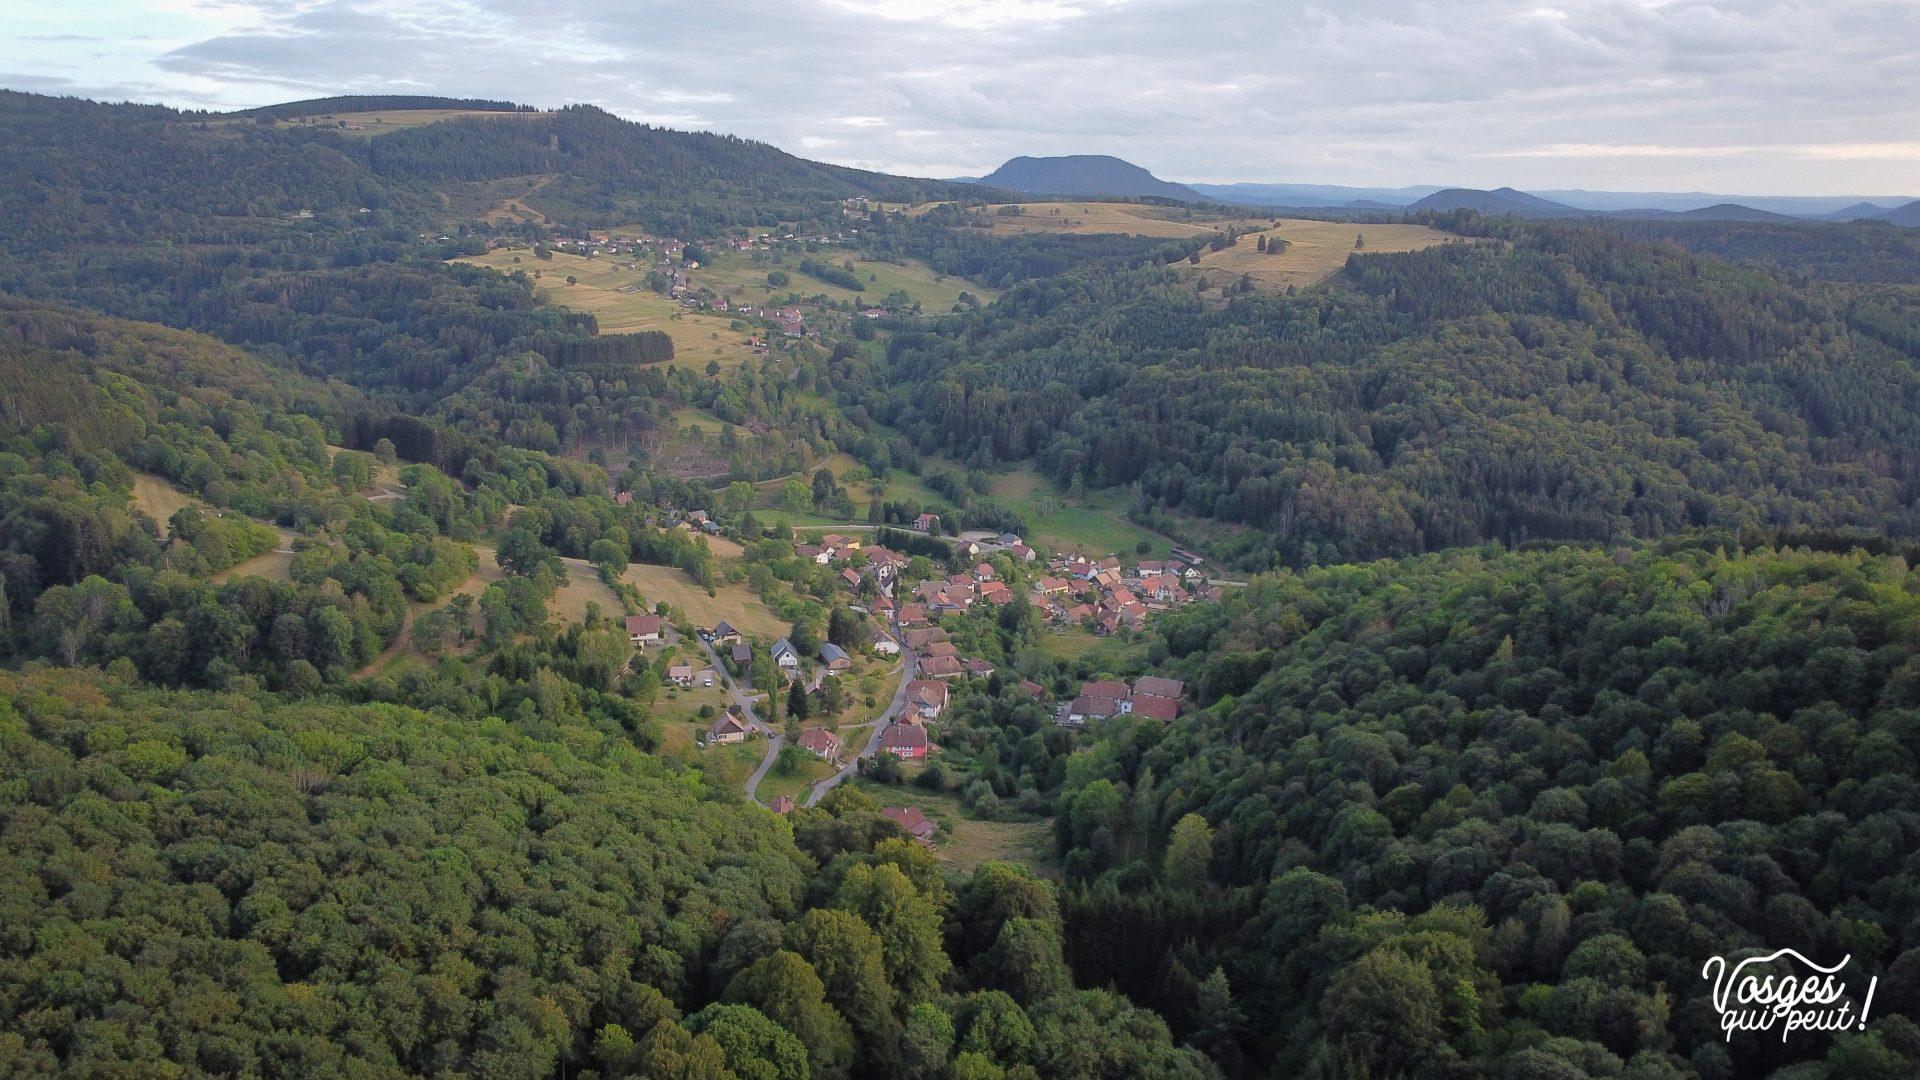 Vue depuis le col de la Perheux sur le village de Waldersbach dans la vallée de la Bruche